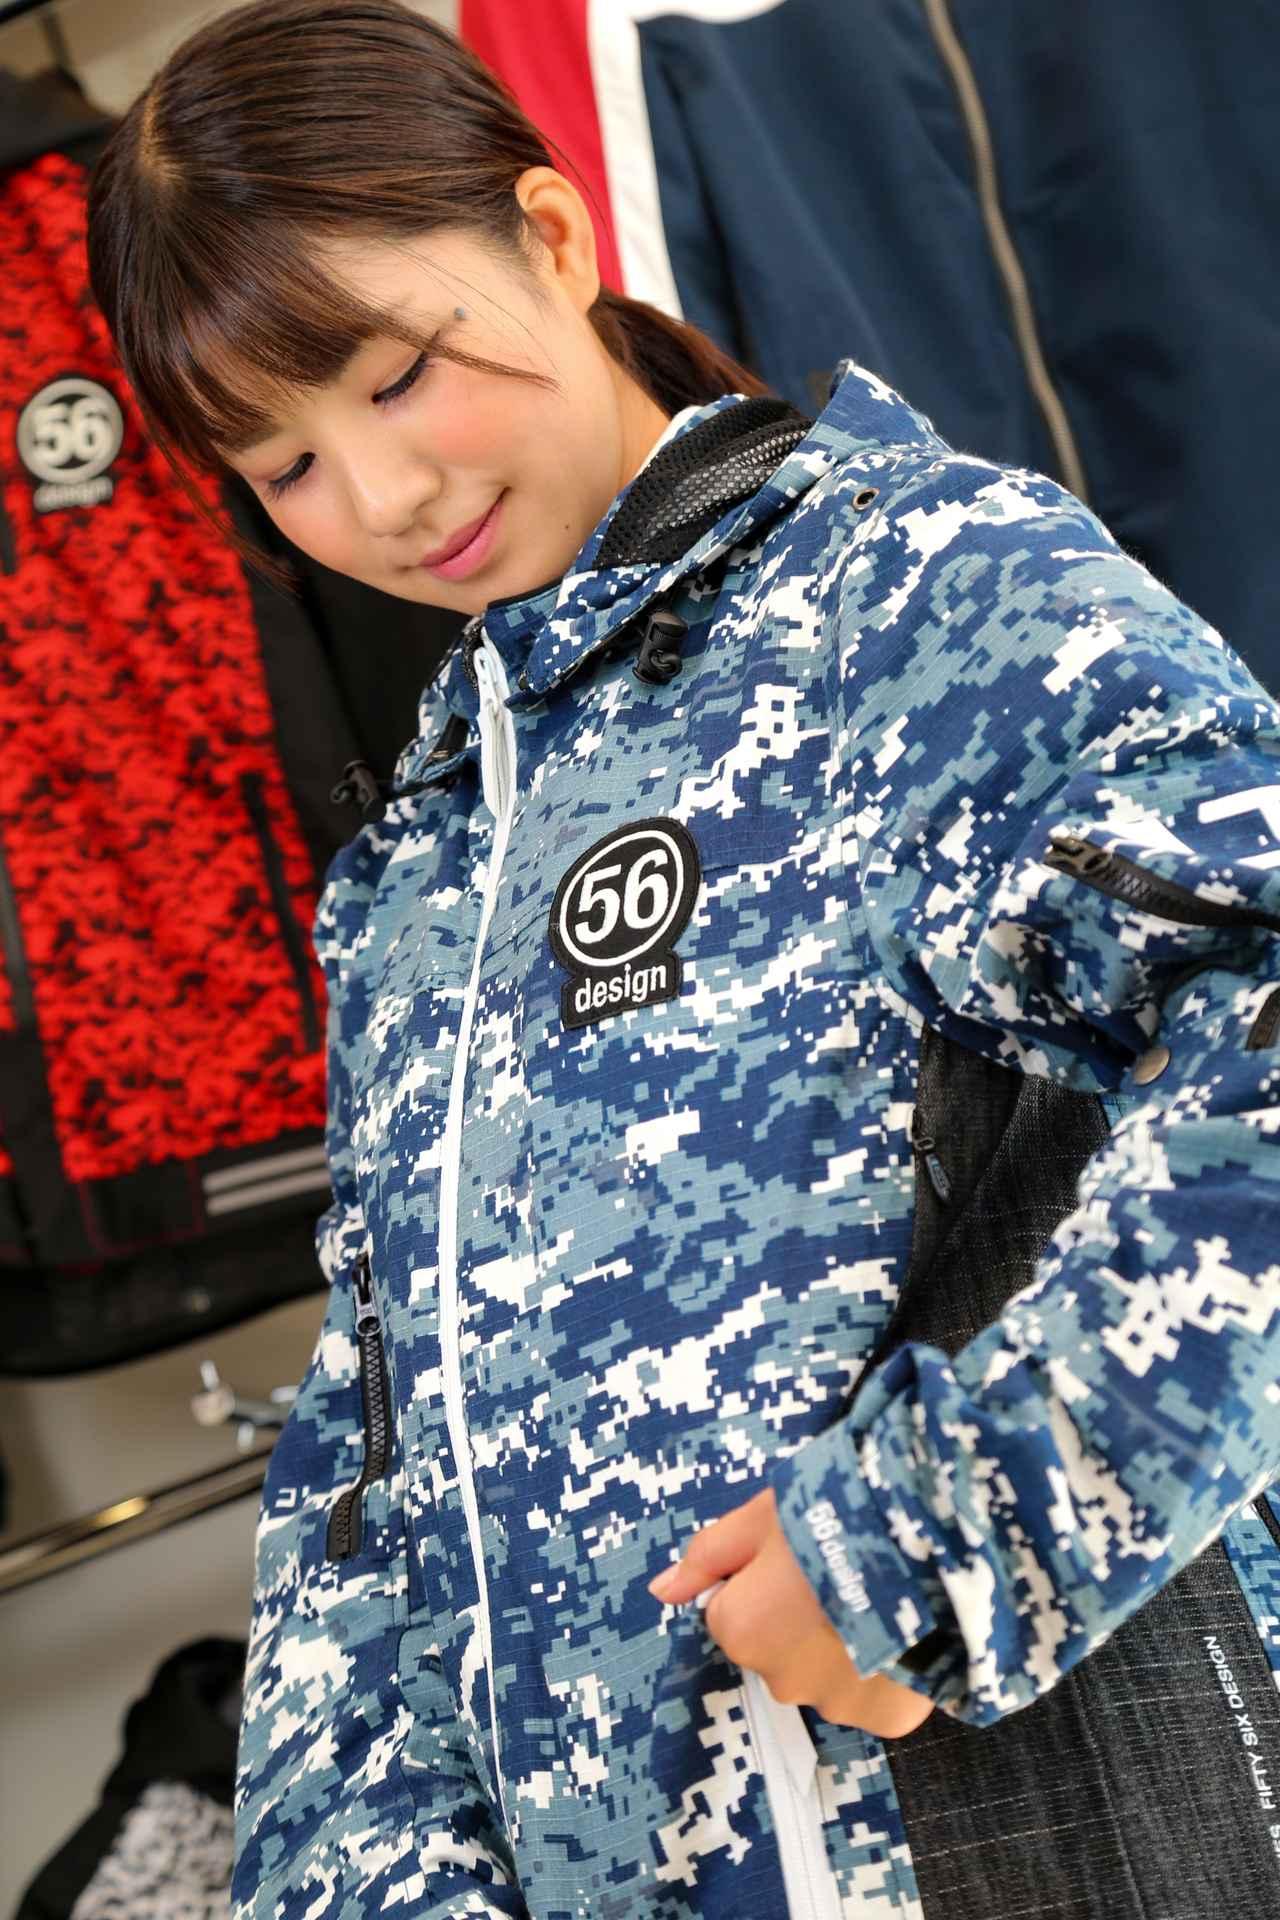 Images : 5番目の画像 - 「「56design☆2020年シーズン向け展示会」を、たっぷり楽しんできました!(梅本まどか)」のアルバム - webオートバイ